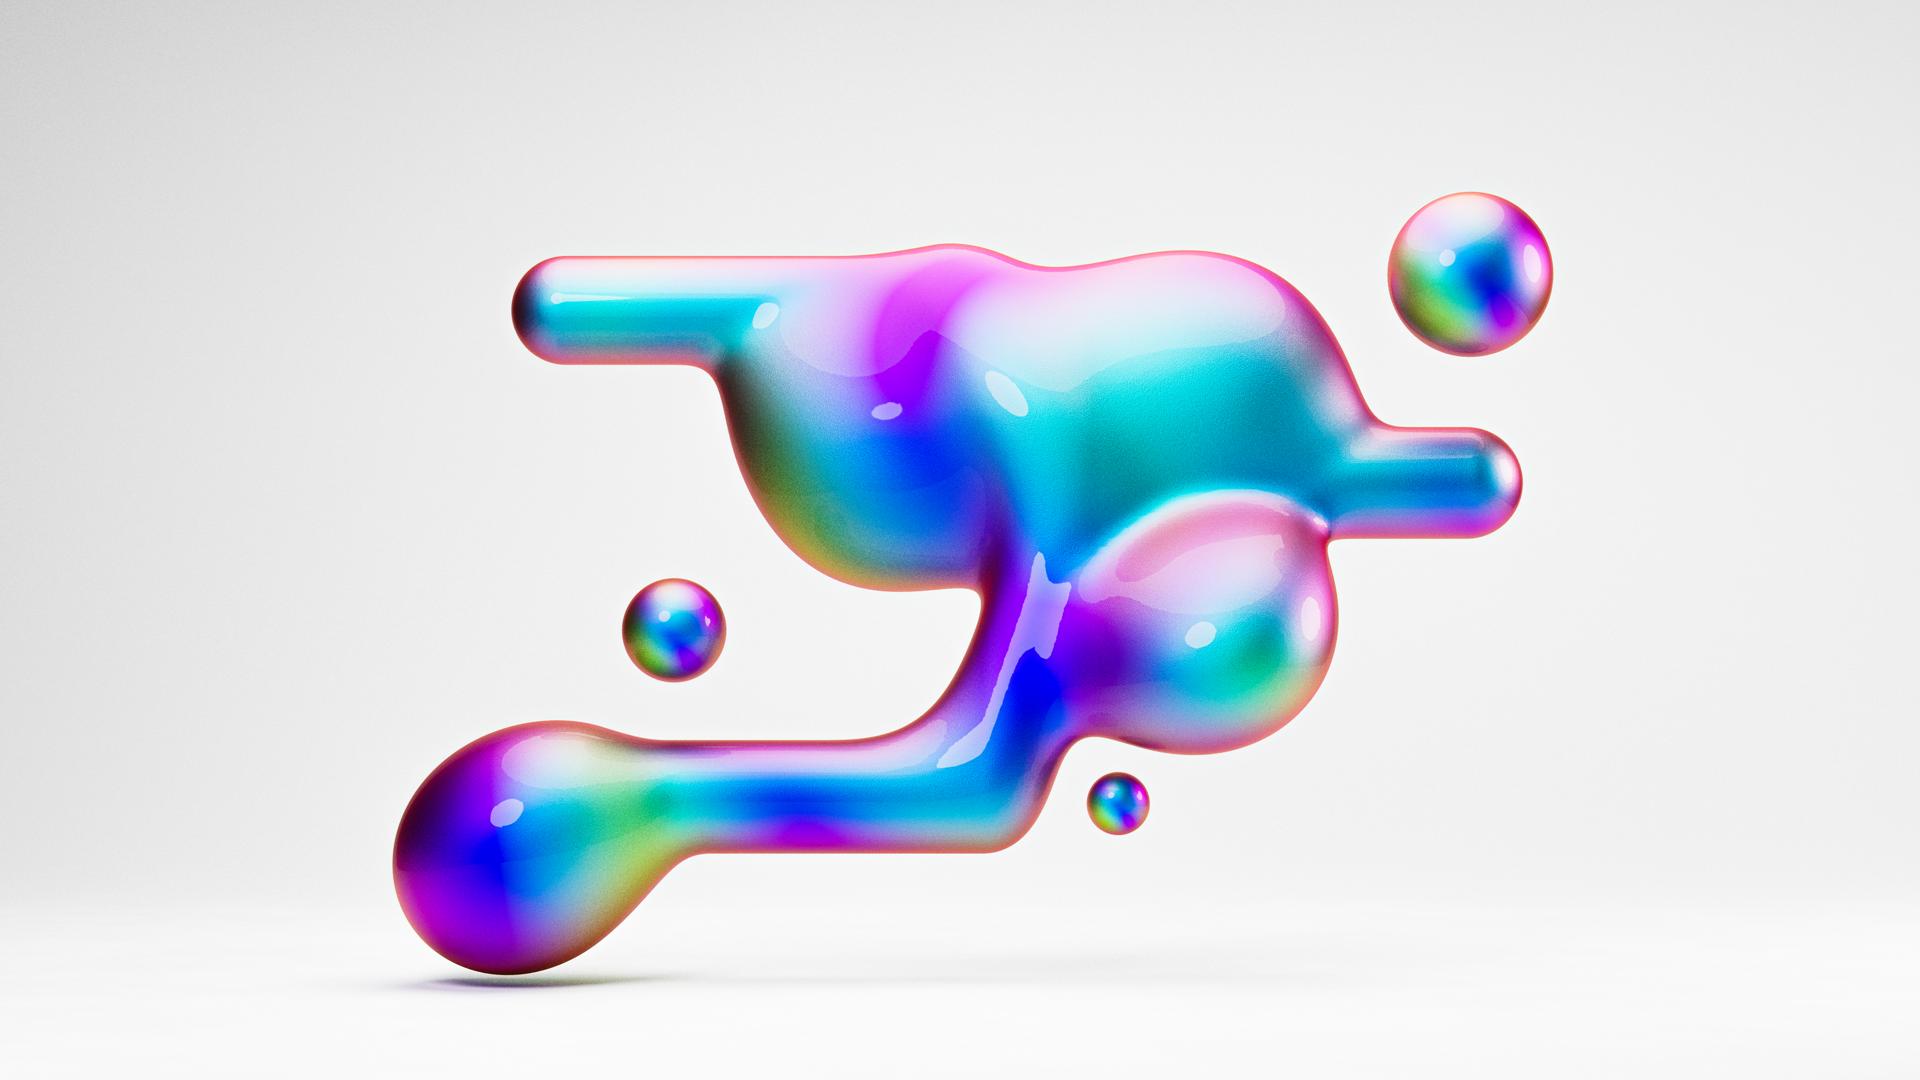 Blender实时渲染材质预设Realtime Materials v3版本下载